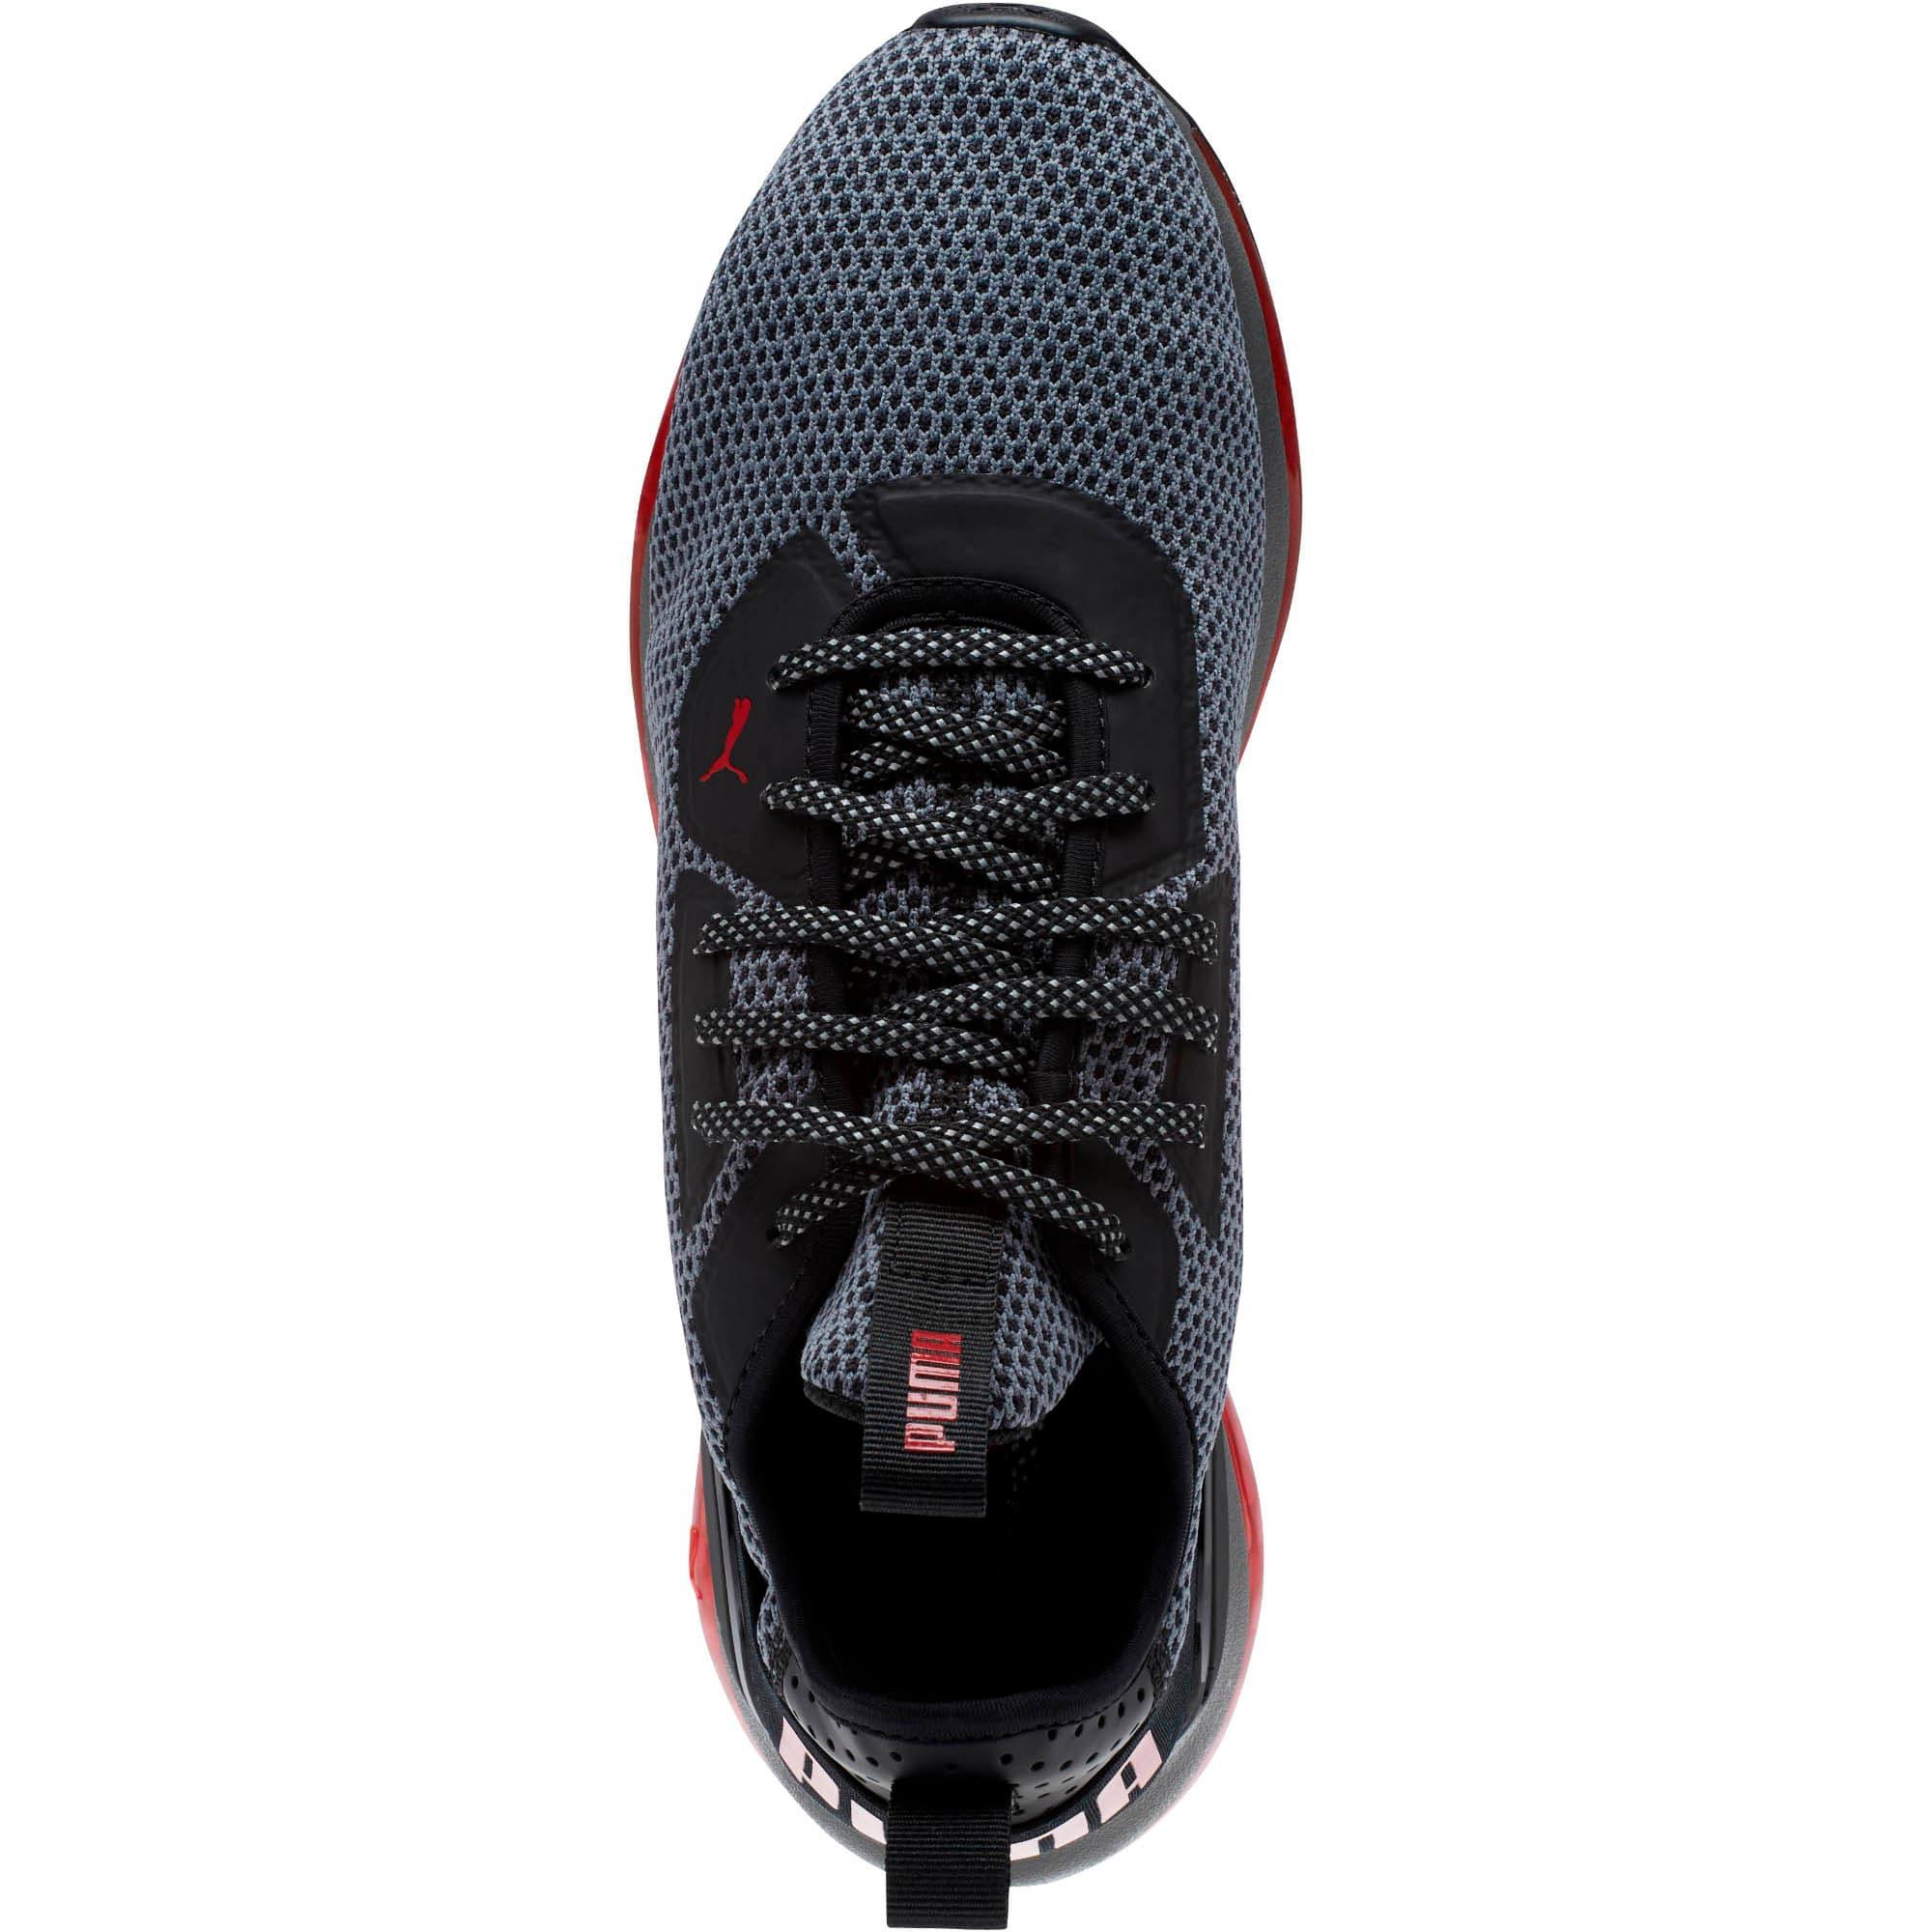 Thumbnail 5 of CELL Descend Running Shoes, Pma Blk-Rbn Rd-Pma Agd Slvr, medium